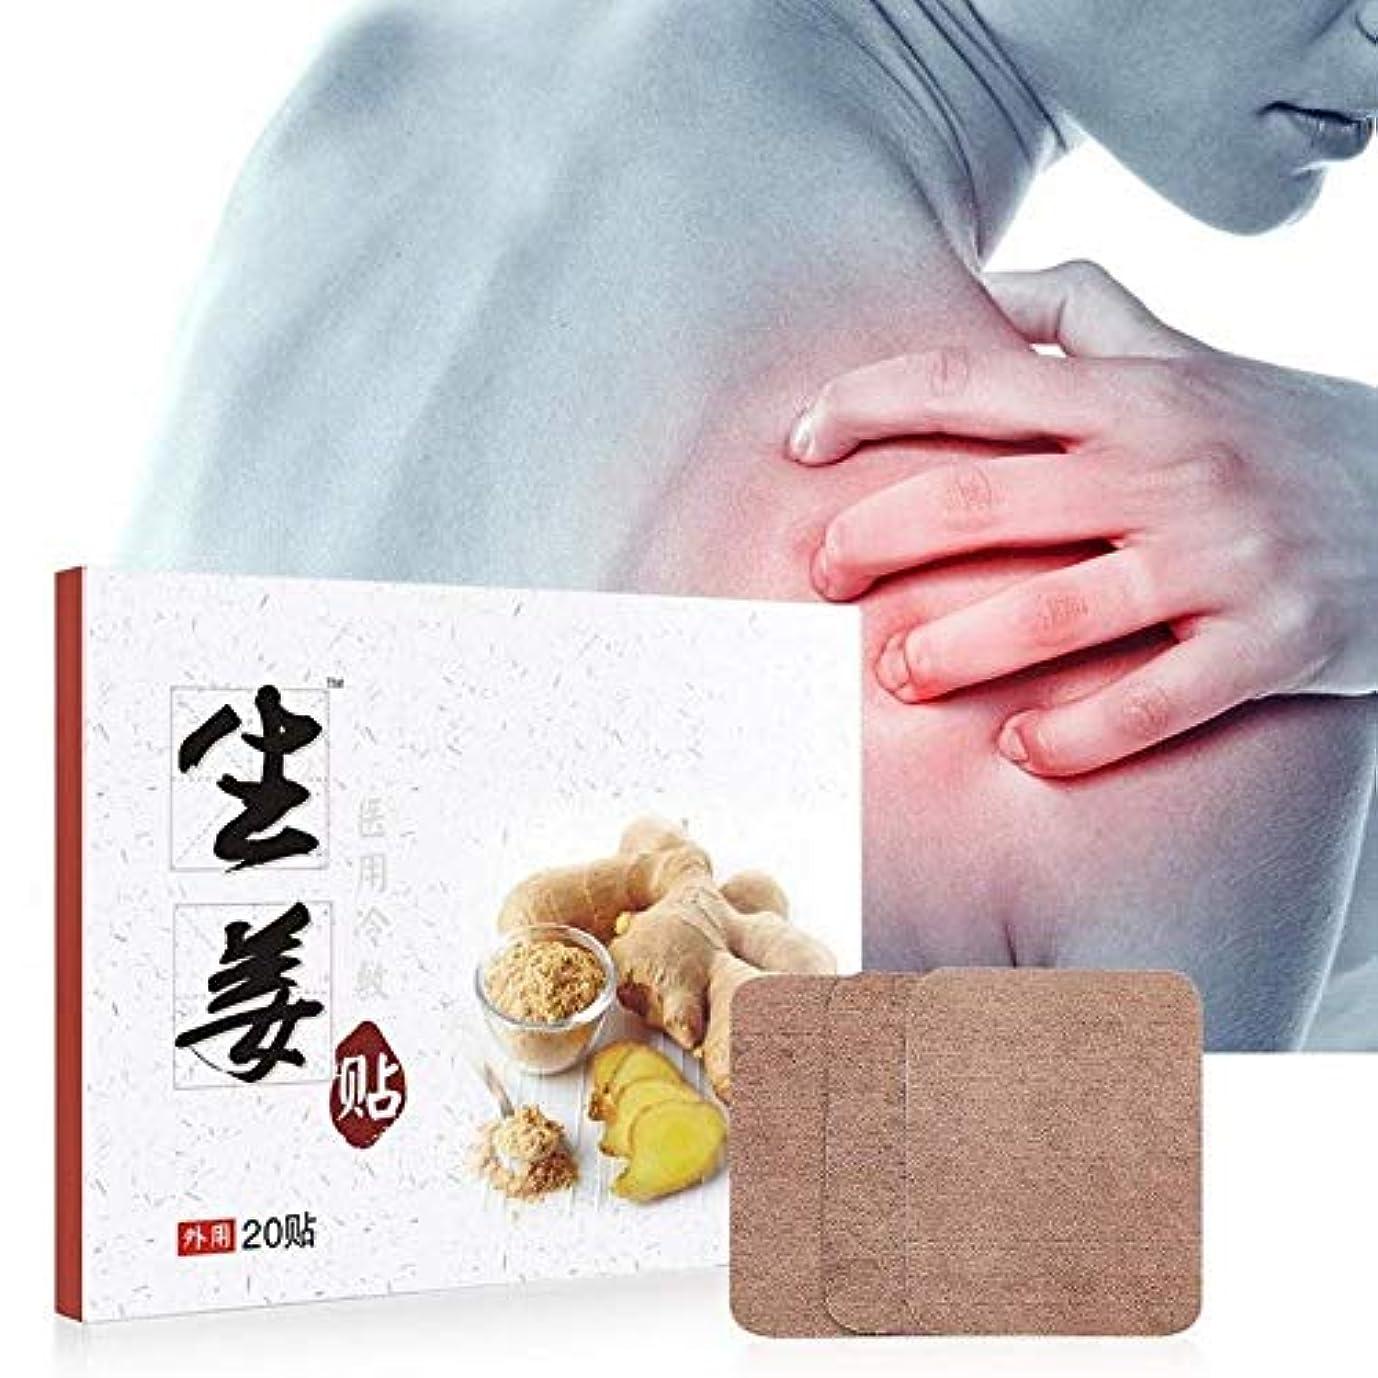 矢印使役印をつける20ボックスジンジャーパッドジョイント頚椎痛みの軽減自発的ヒートステッカー防寒保温